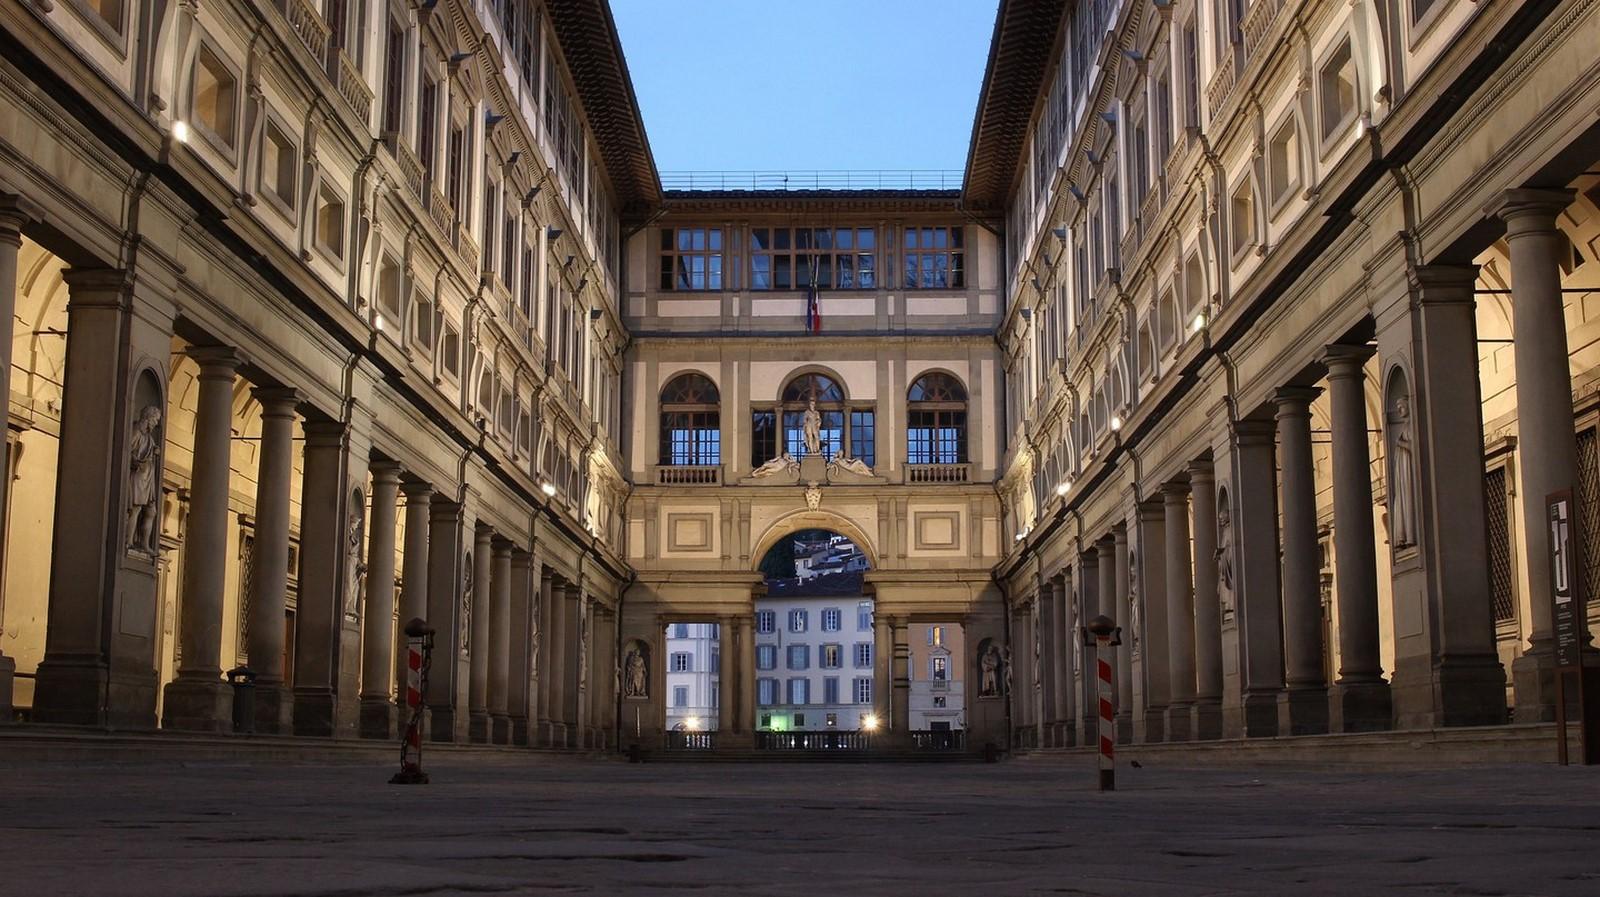 Uffizi Gallery - Sheet1